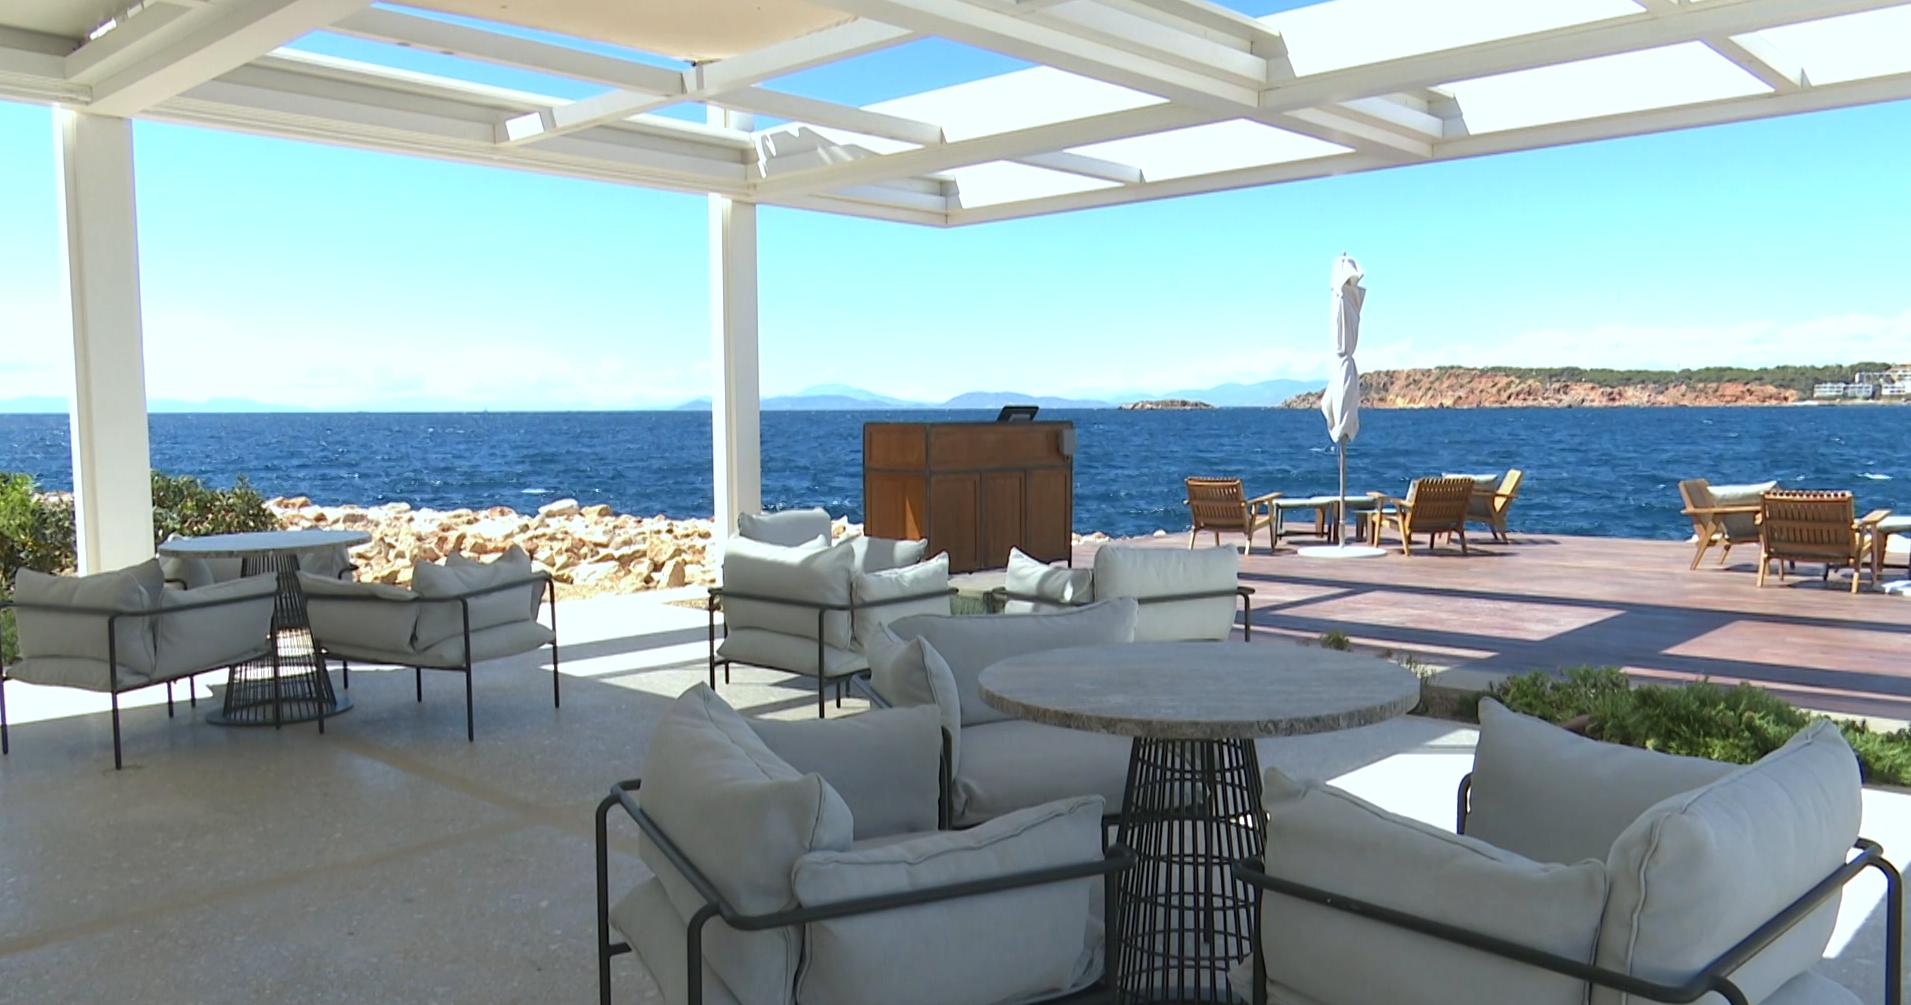 სასტუმრო საბერძნეთში